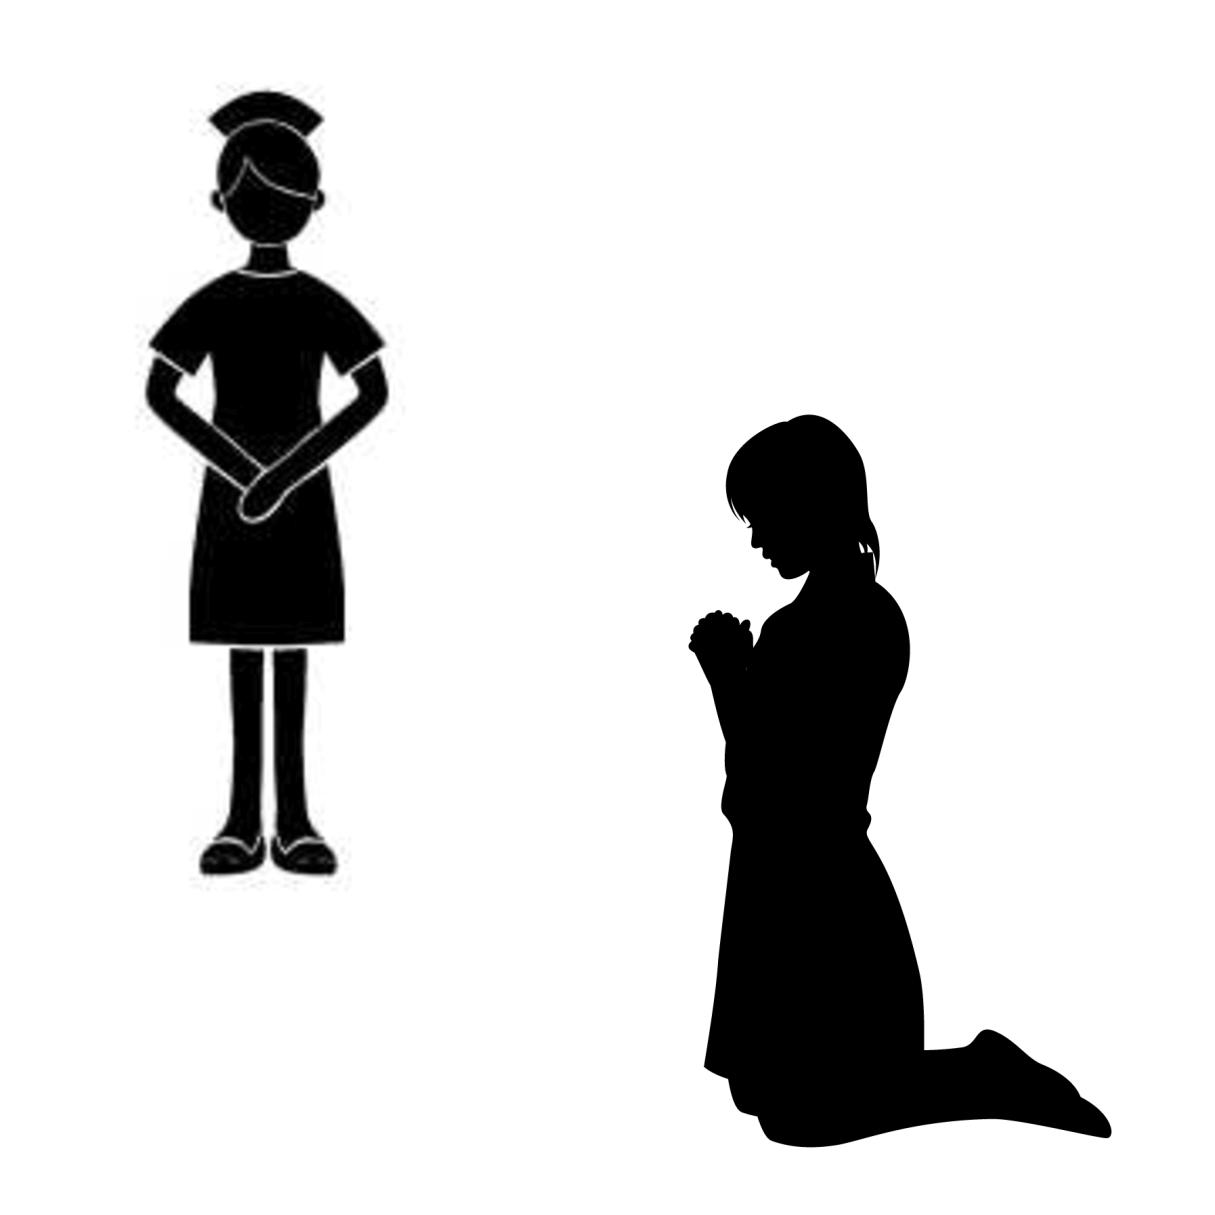 ケアテイカー(世話役)とイネイブラー(支え役)の違いを表すイメージ